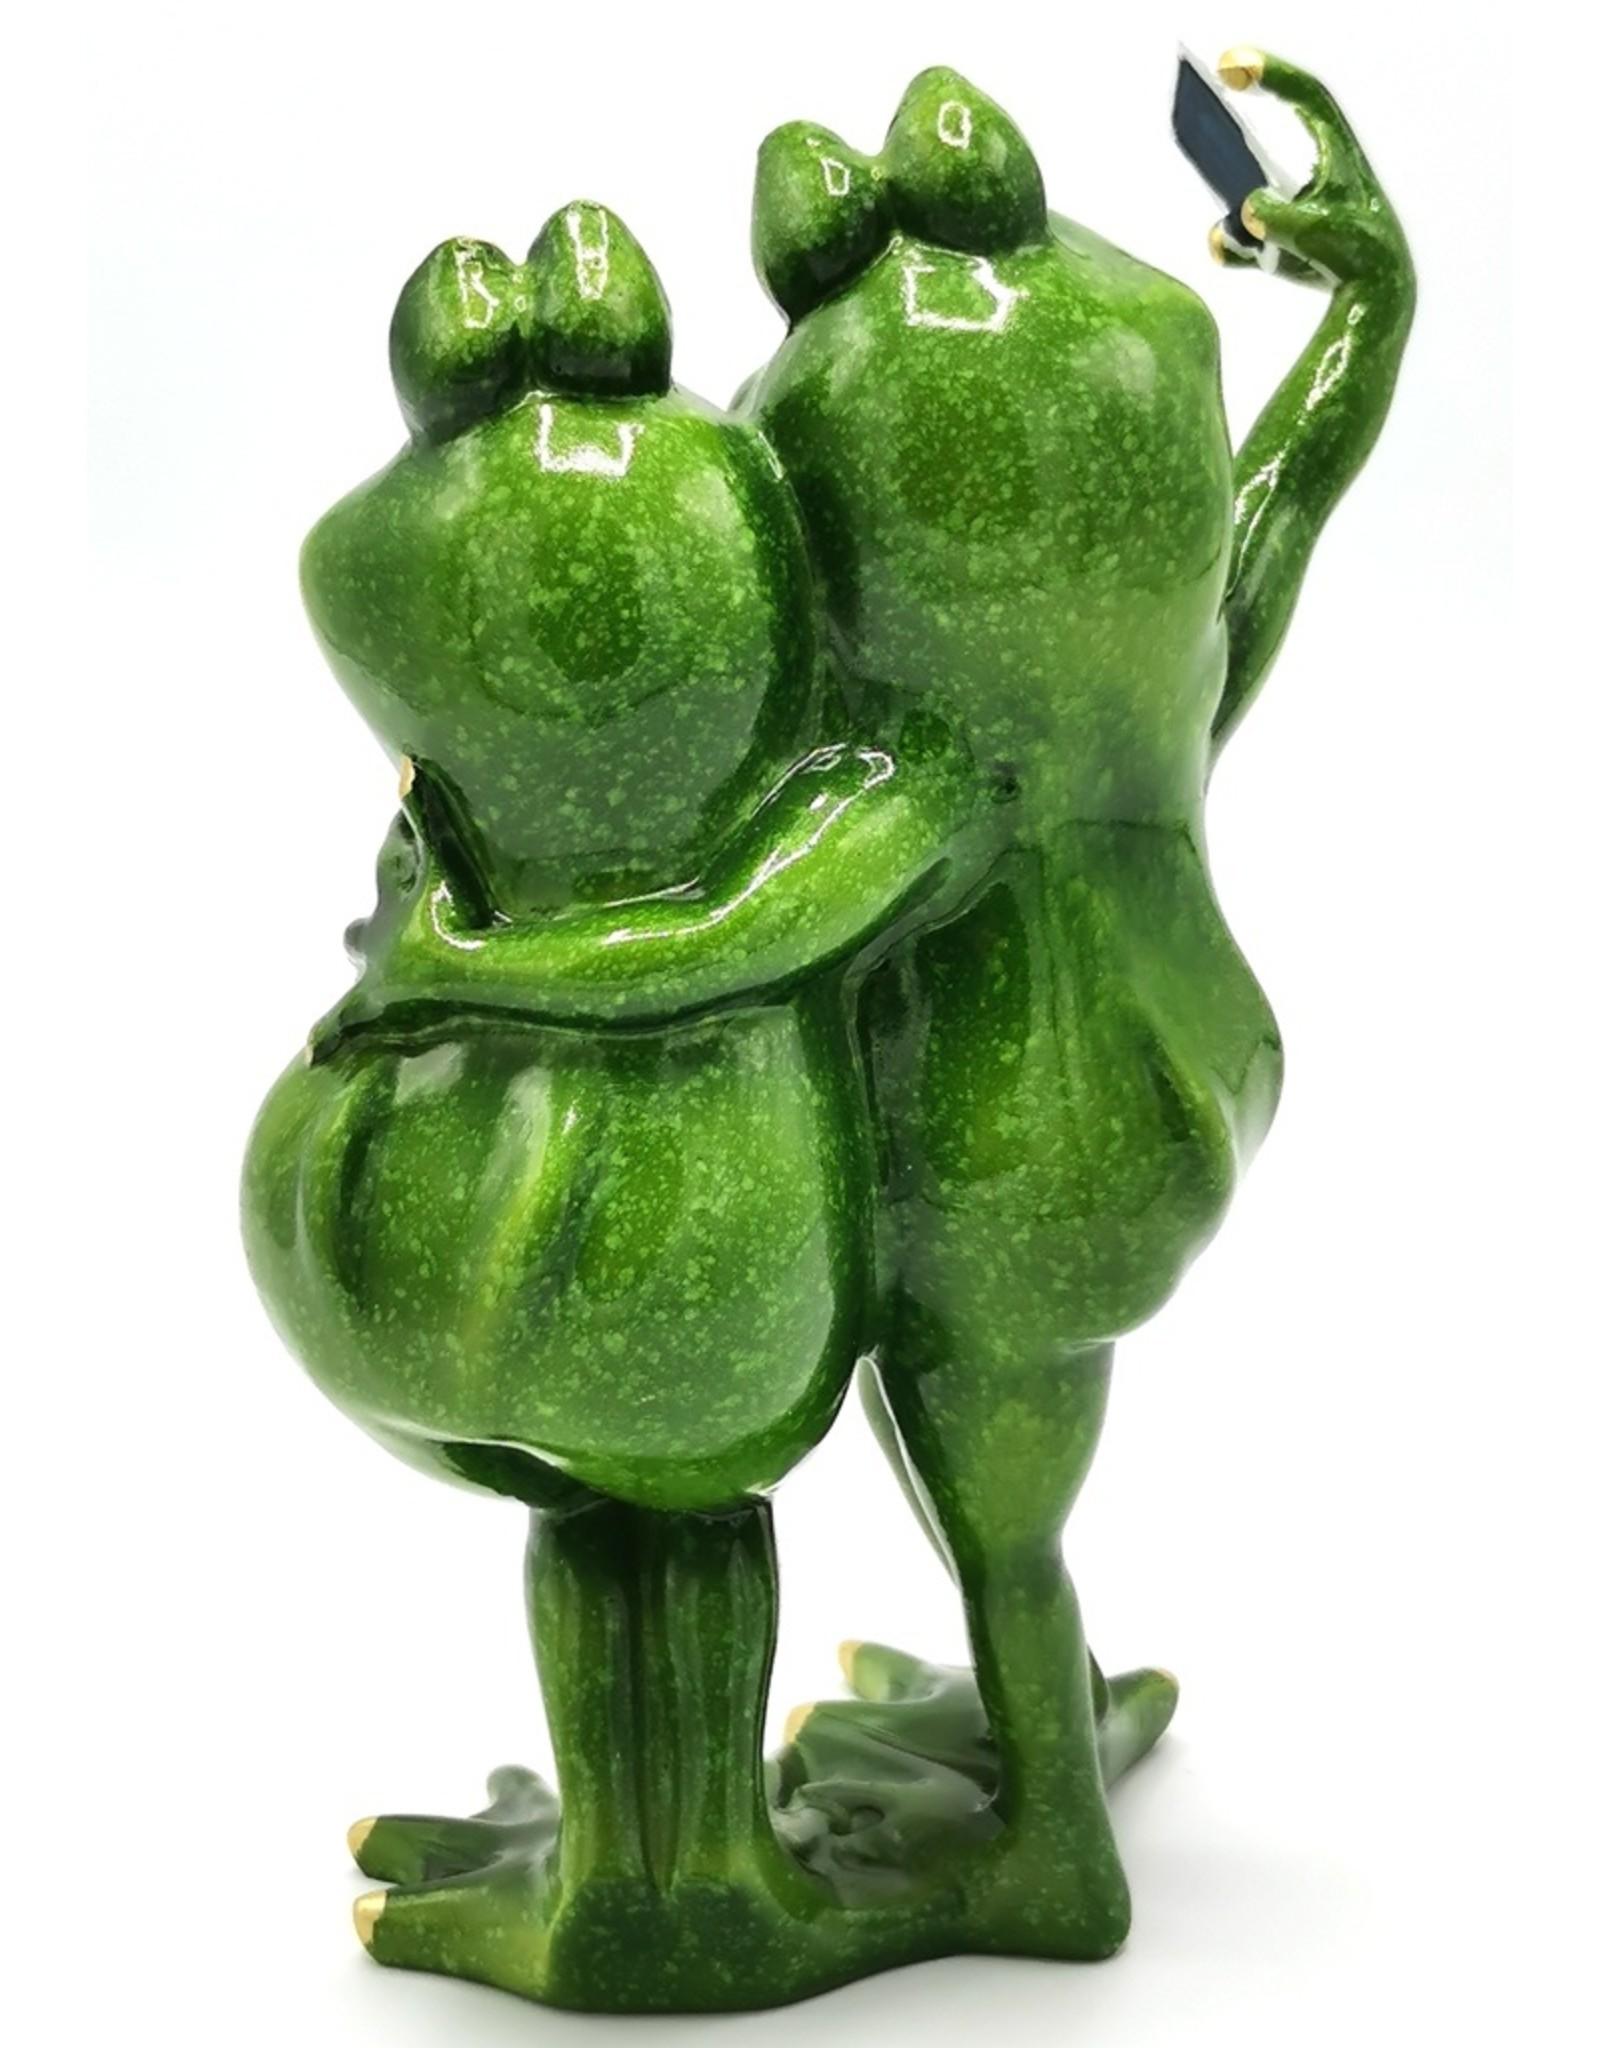 Kikker Meiden Selfie beeld Giftware Figurines Collectables - Frog Girls Selfie figurine - 21cm, polyresin